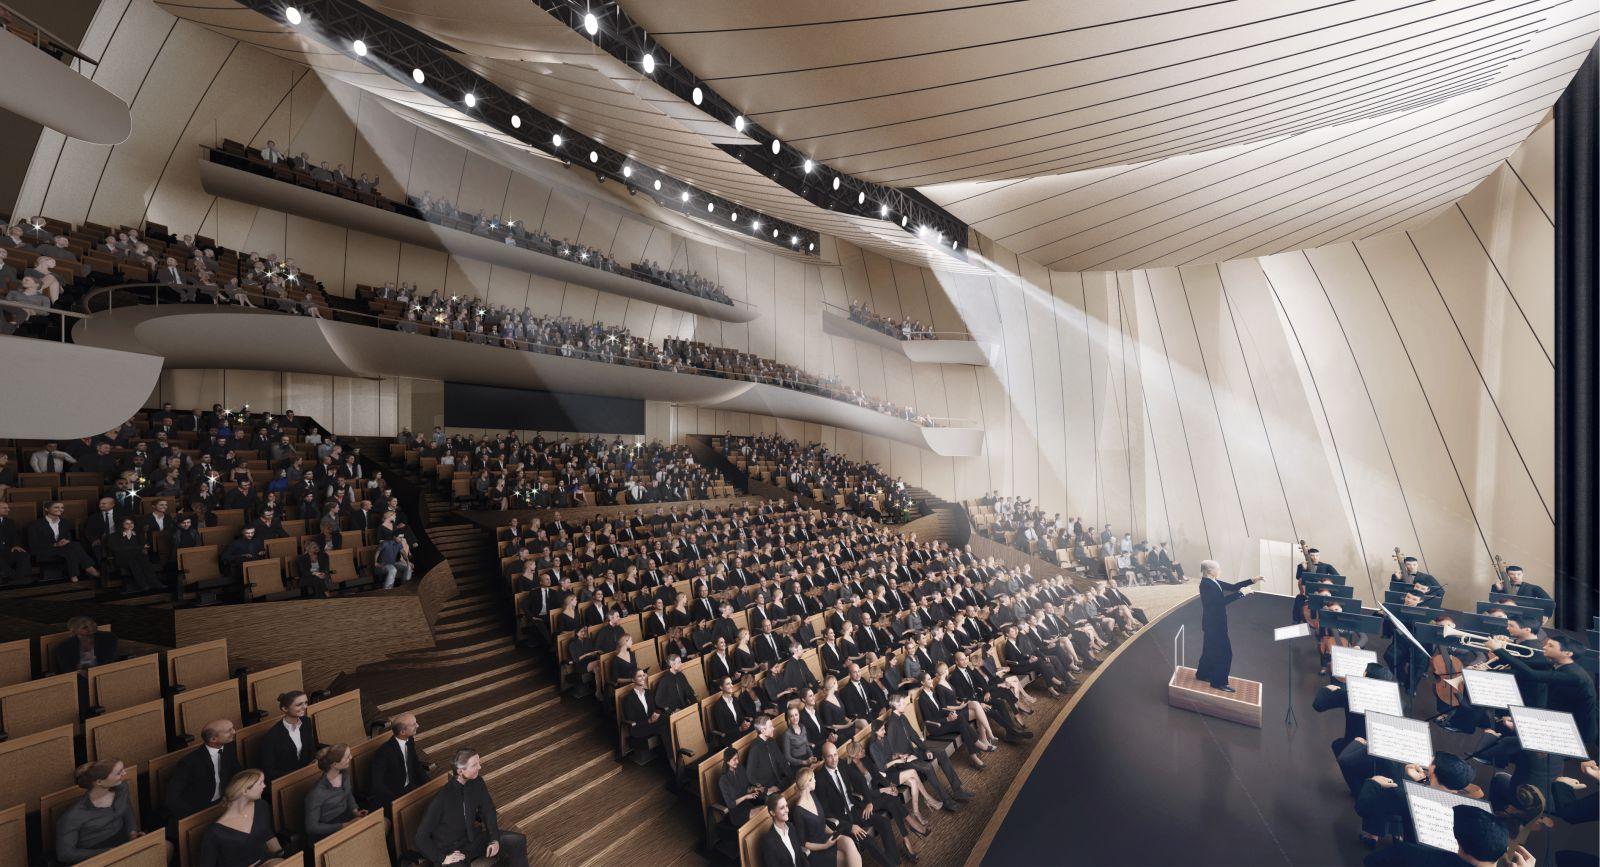 Yiwu Grand Theater